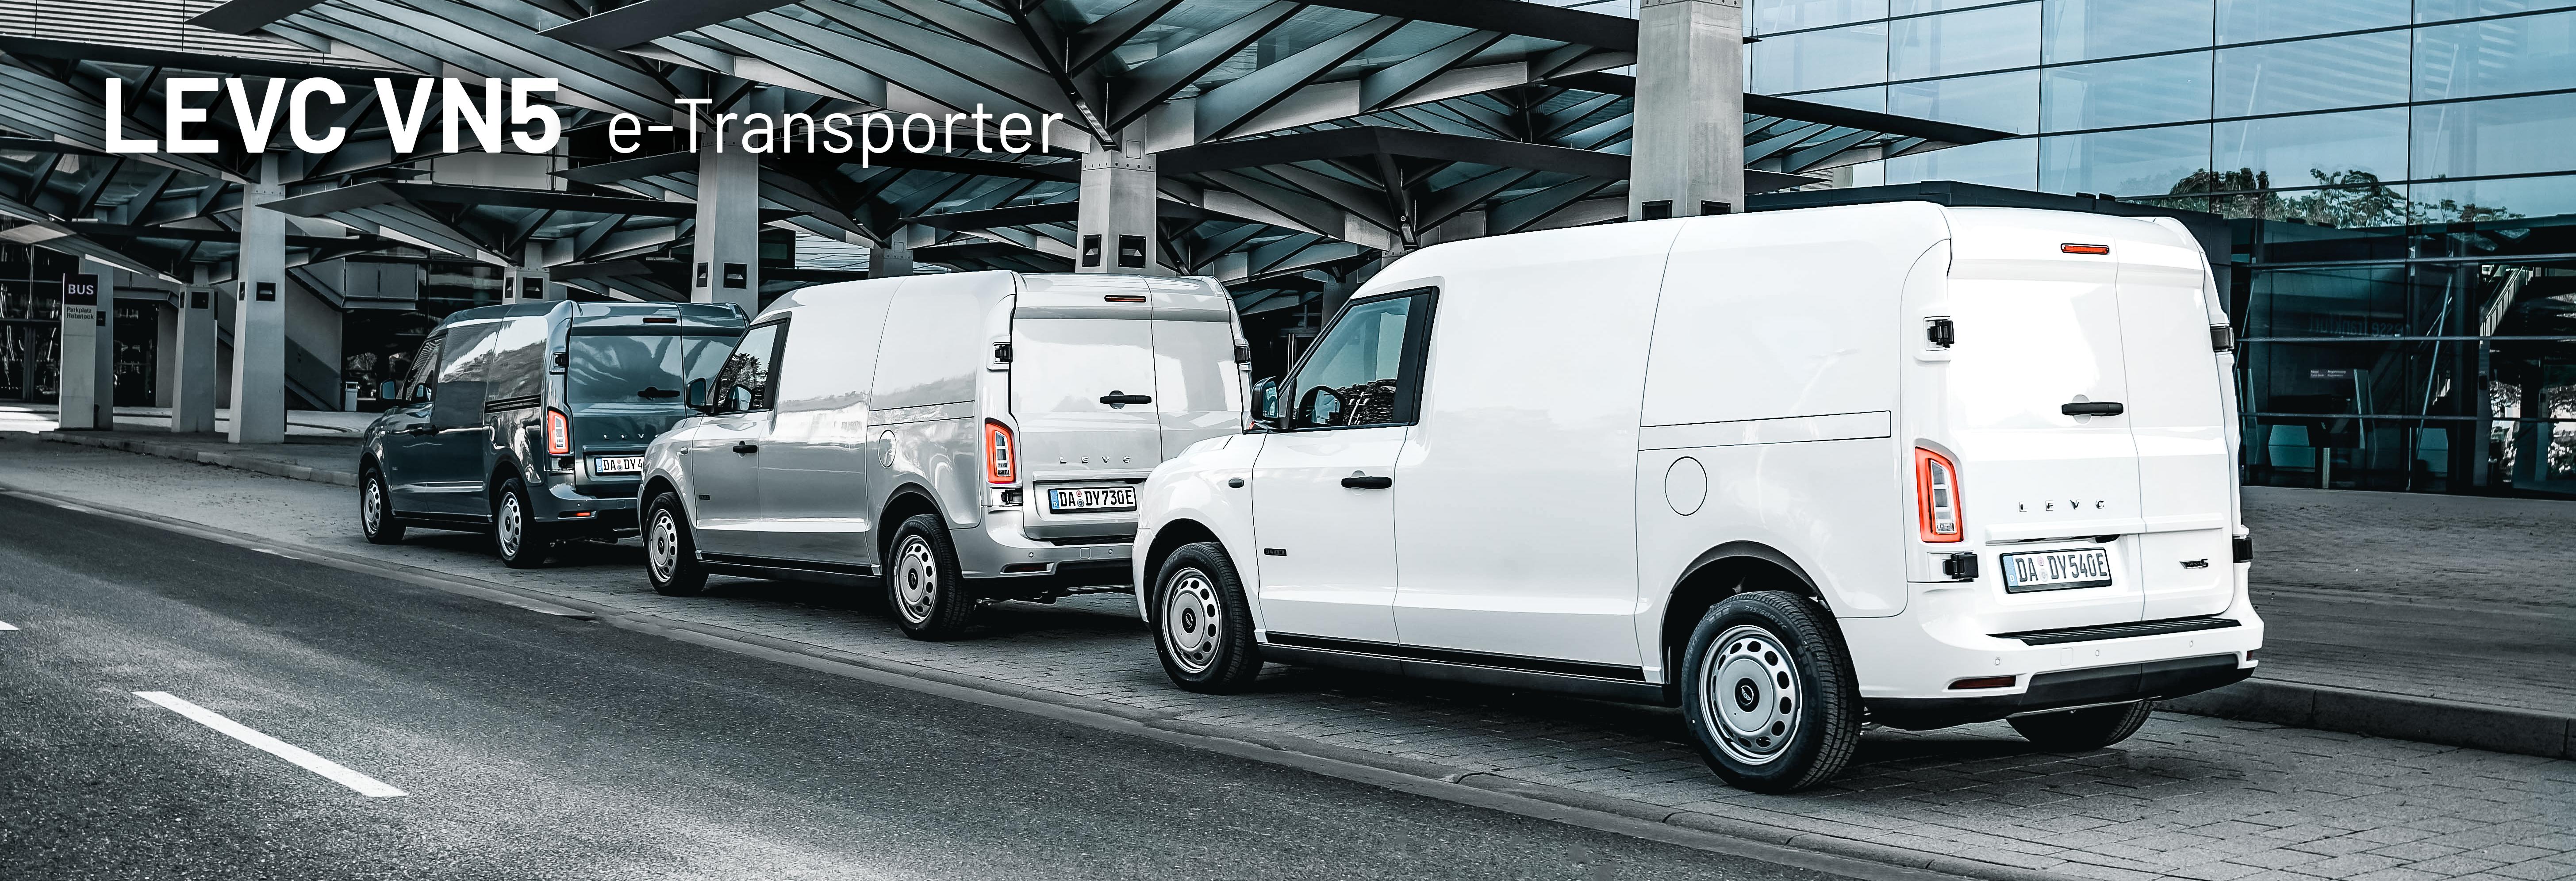 LEVC VN5 e-Transporter